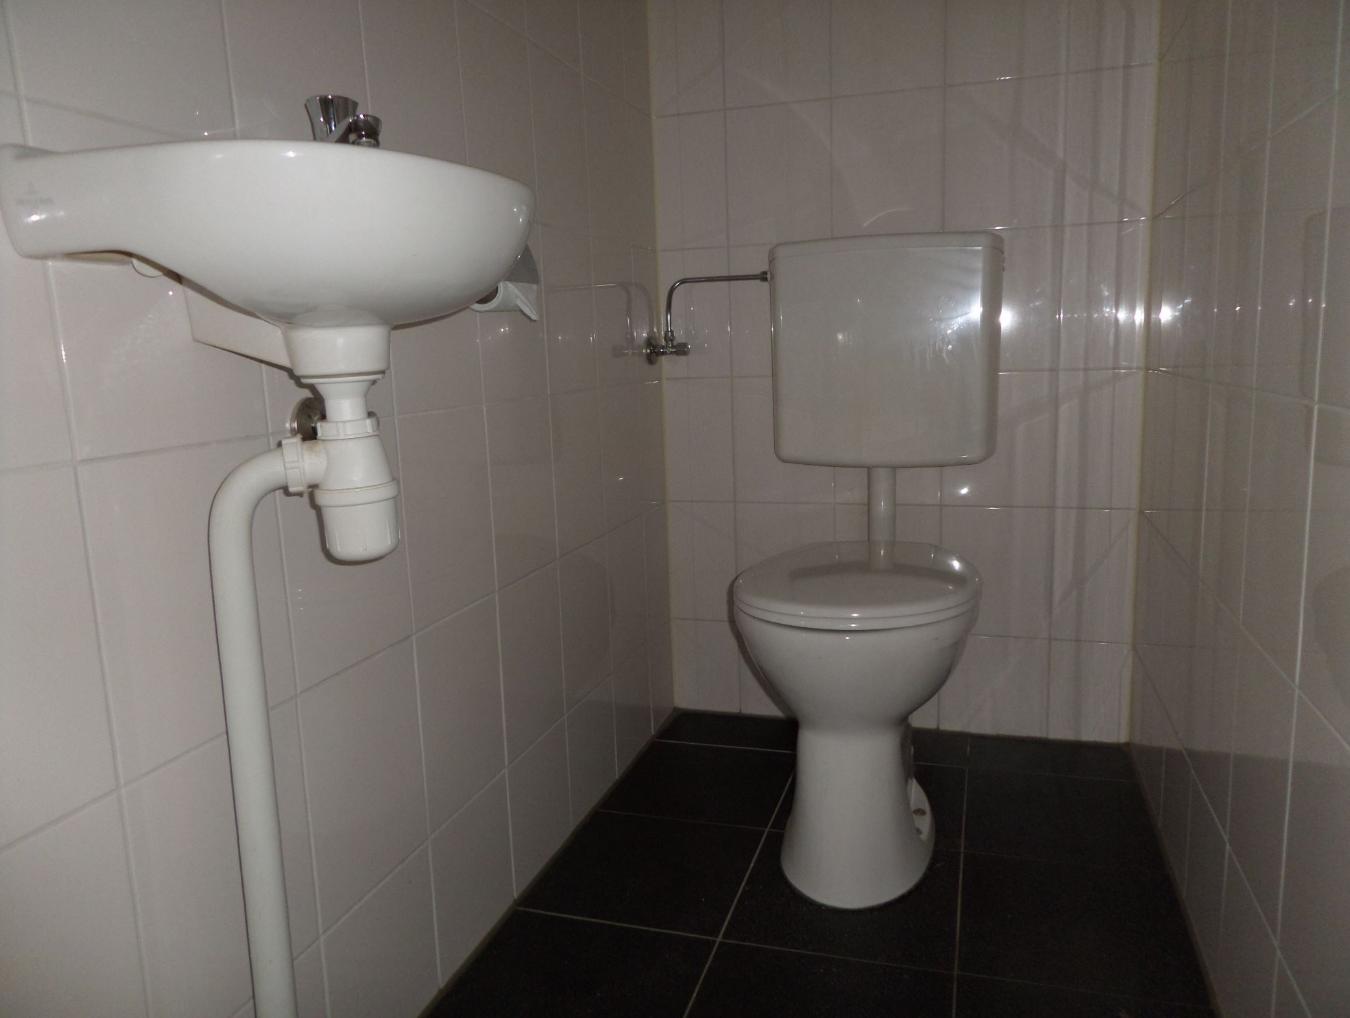 Tegelzetbedrijf melessen toilet tegels tegelzetbedrijf melessen